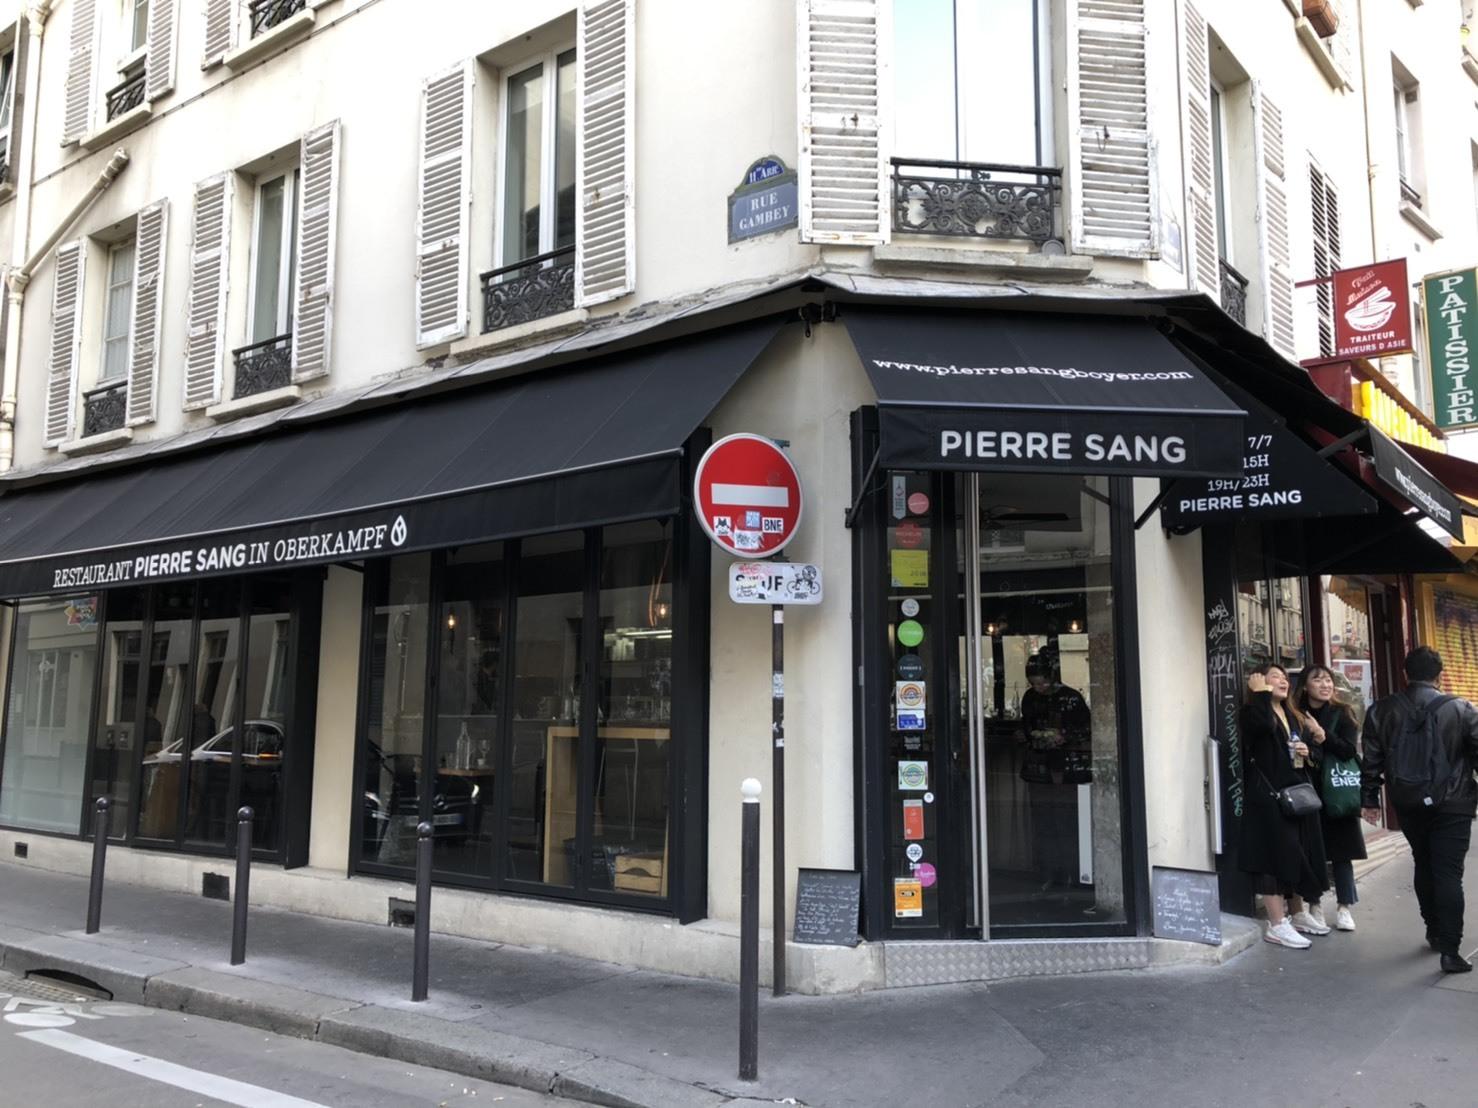 パリで人気 韓国人シェフの店 Pierre Sang_b0060363_13120721.jpg